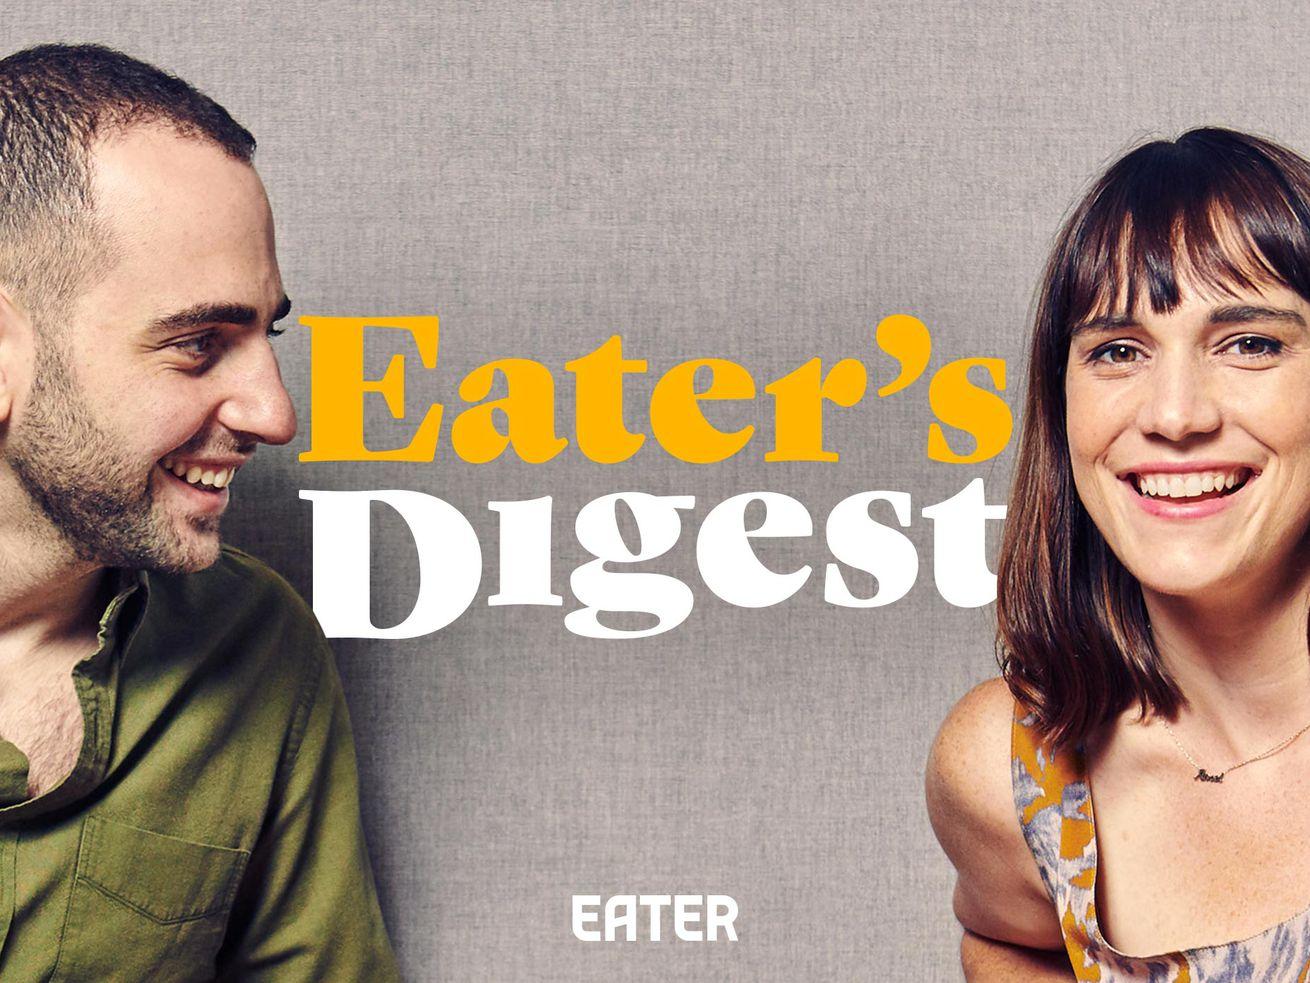 Listen to Eater